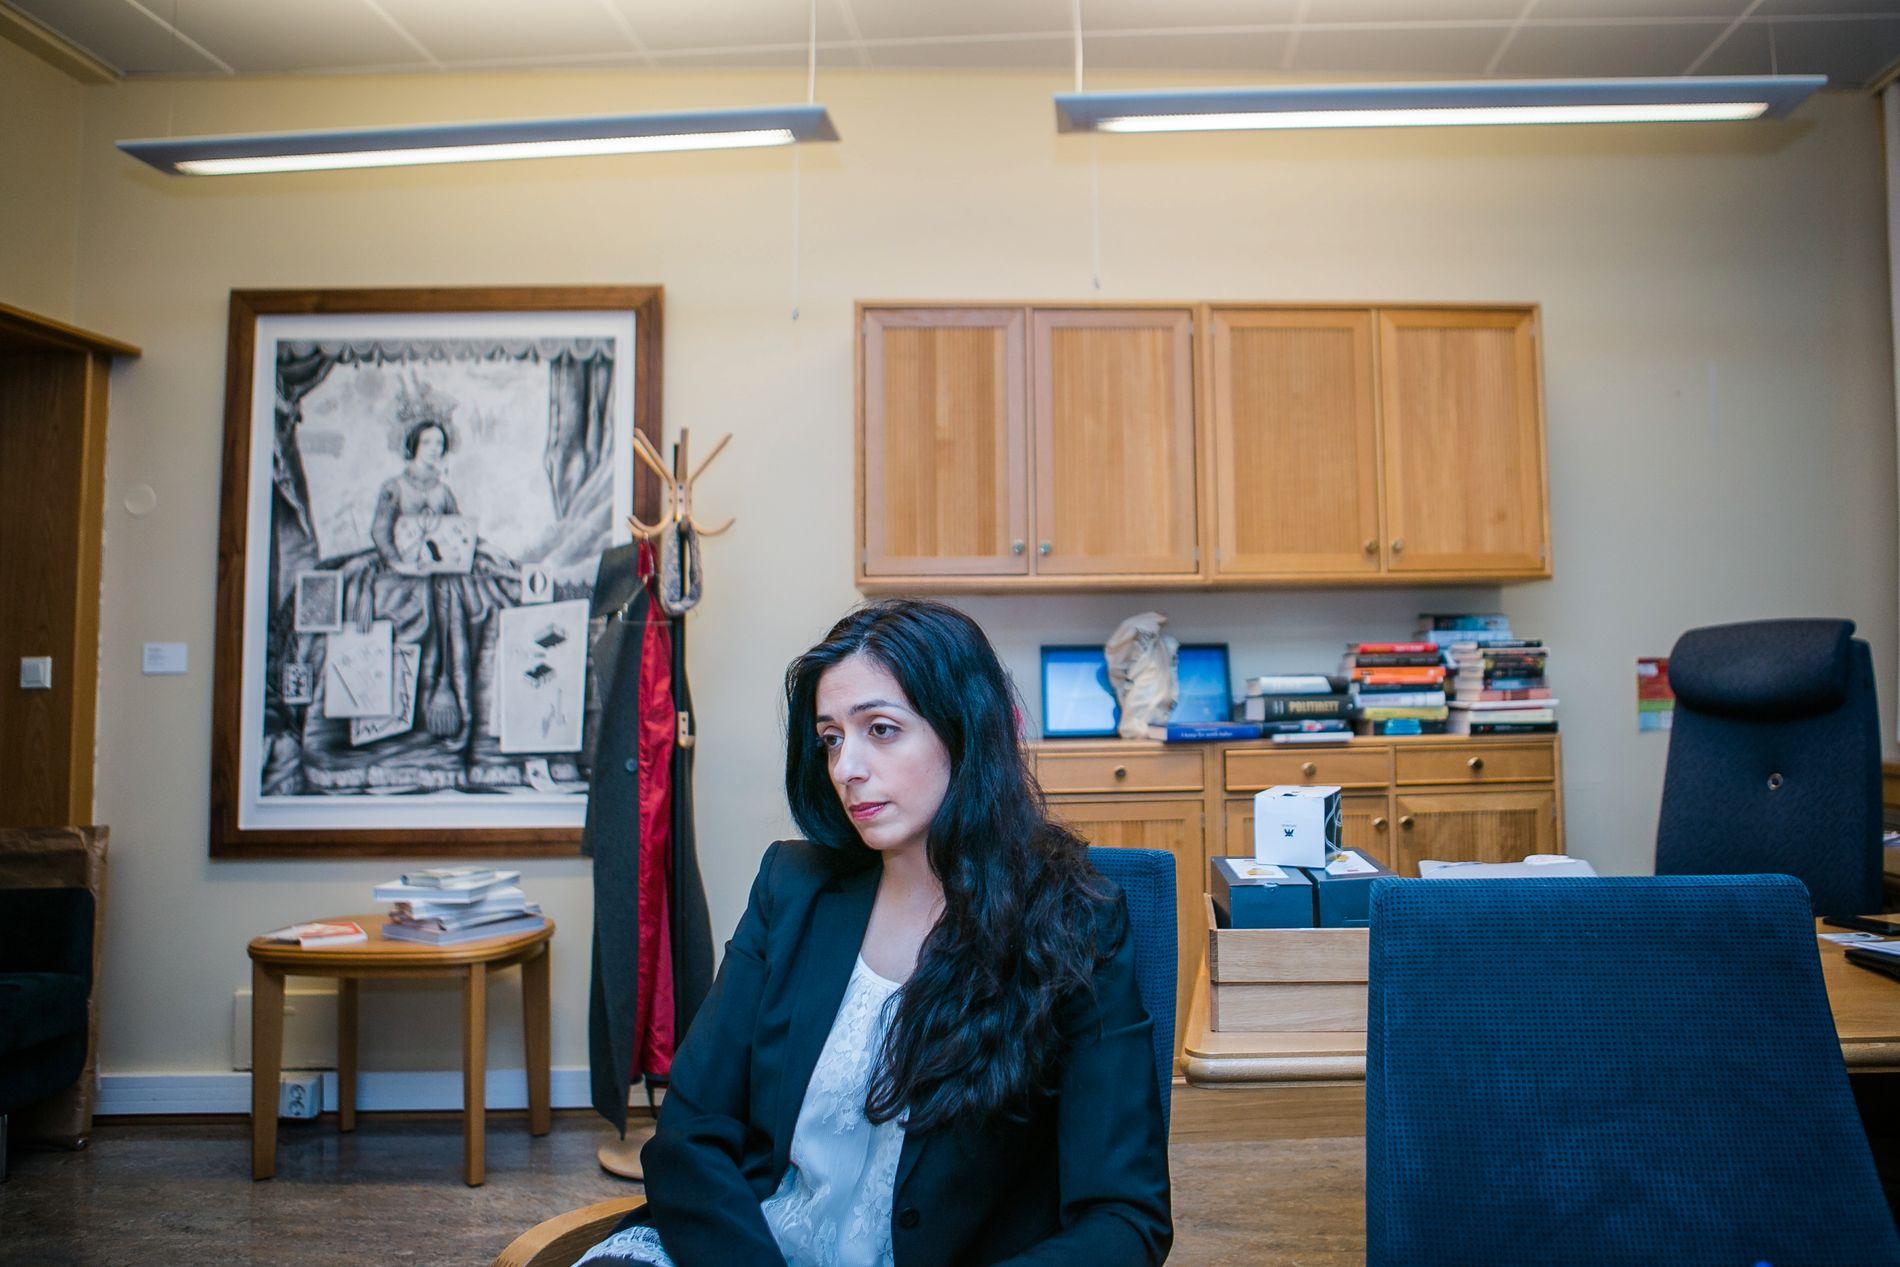 VIL LEGGE NED OG BYGGE OPP NY ORDNING: Ap nestleder Hadia Tajik møtte VG på Stortinget søndag ettermiddag, for å fortelle om au pair-ordningen i Norge.